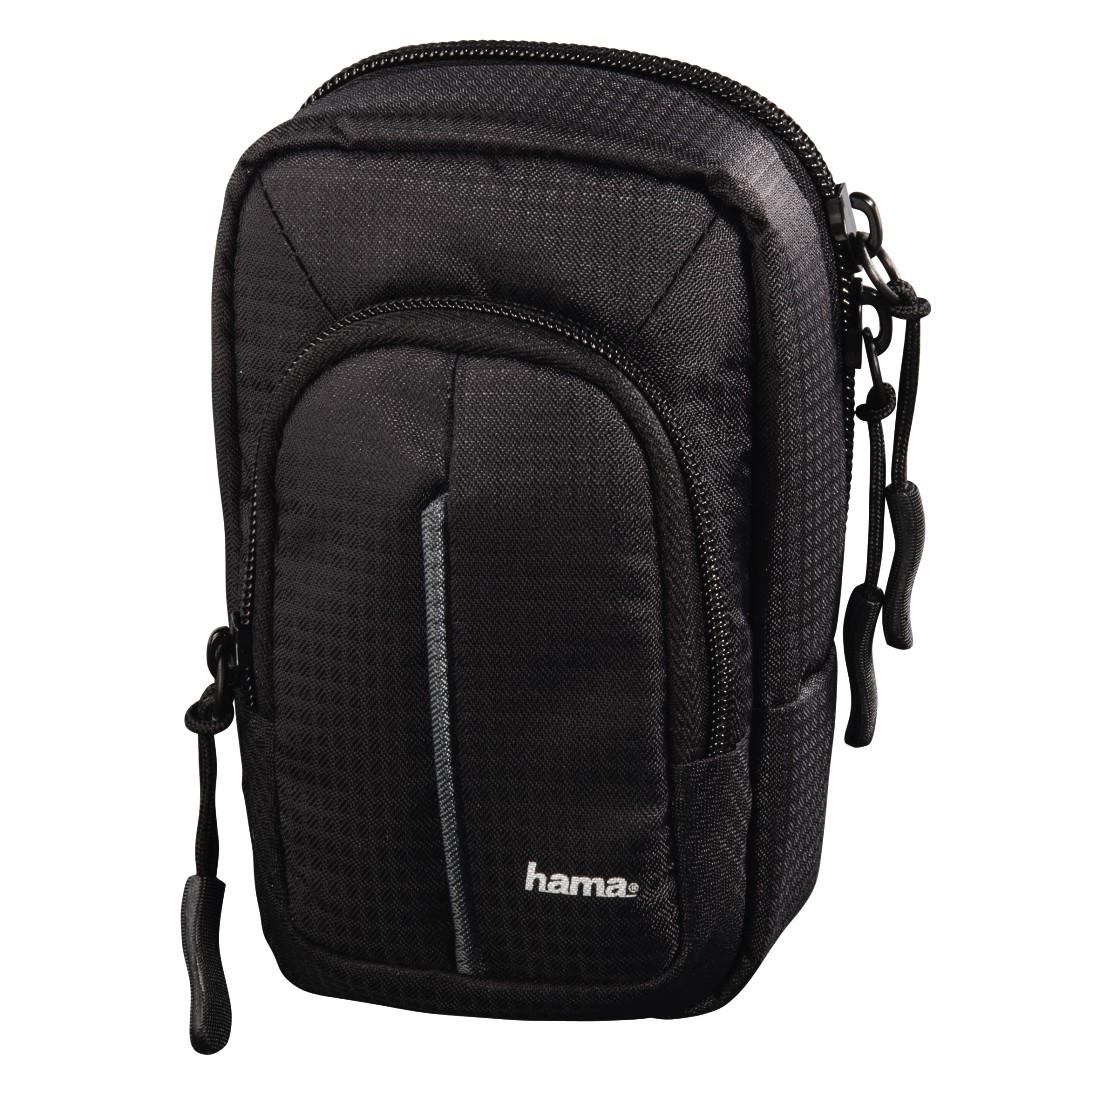 Hama Tasche Fancy Urban 80M schwarz